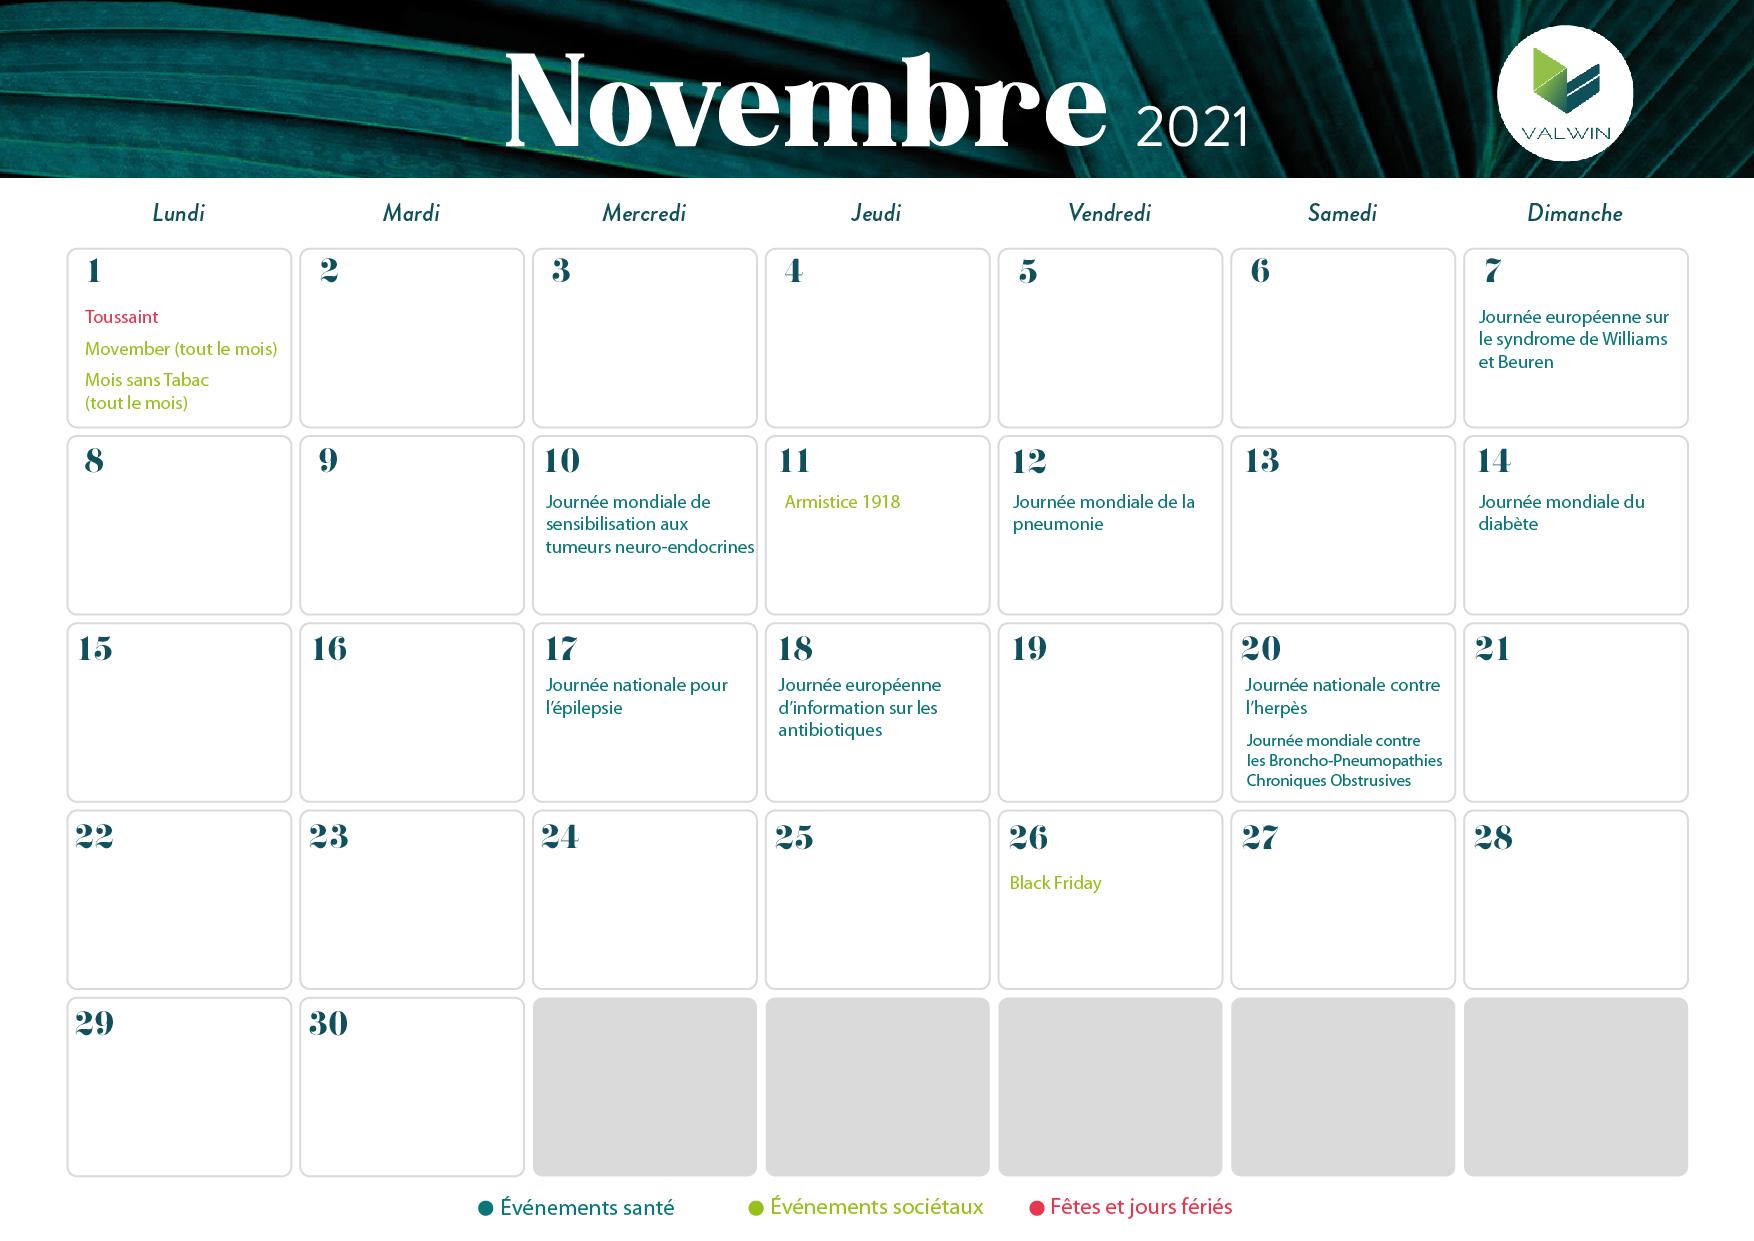 liste-toutes-les-journées-mondiales-de-Santé-novembre-2021.jpg